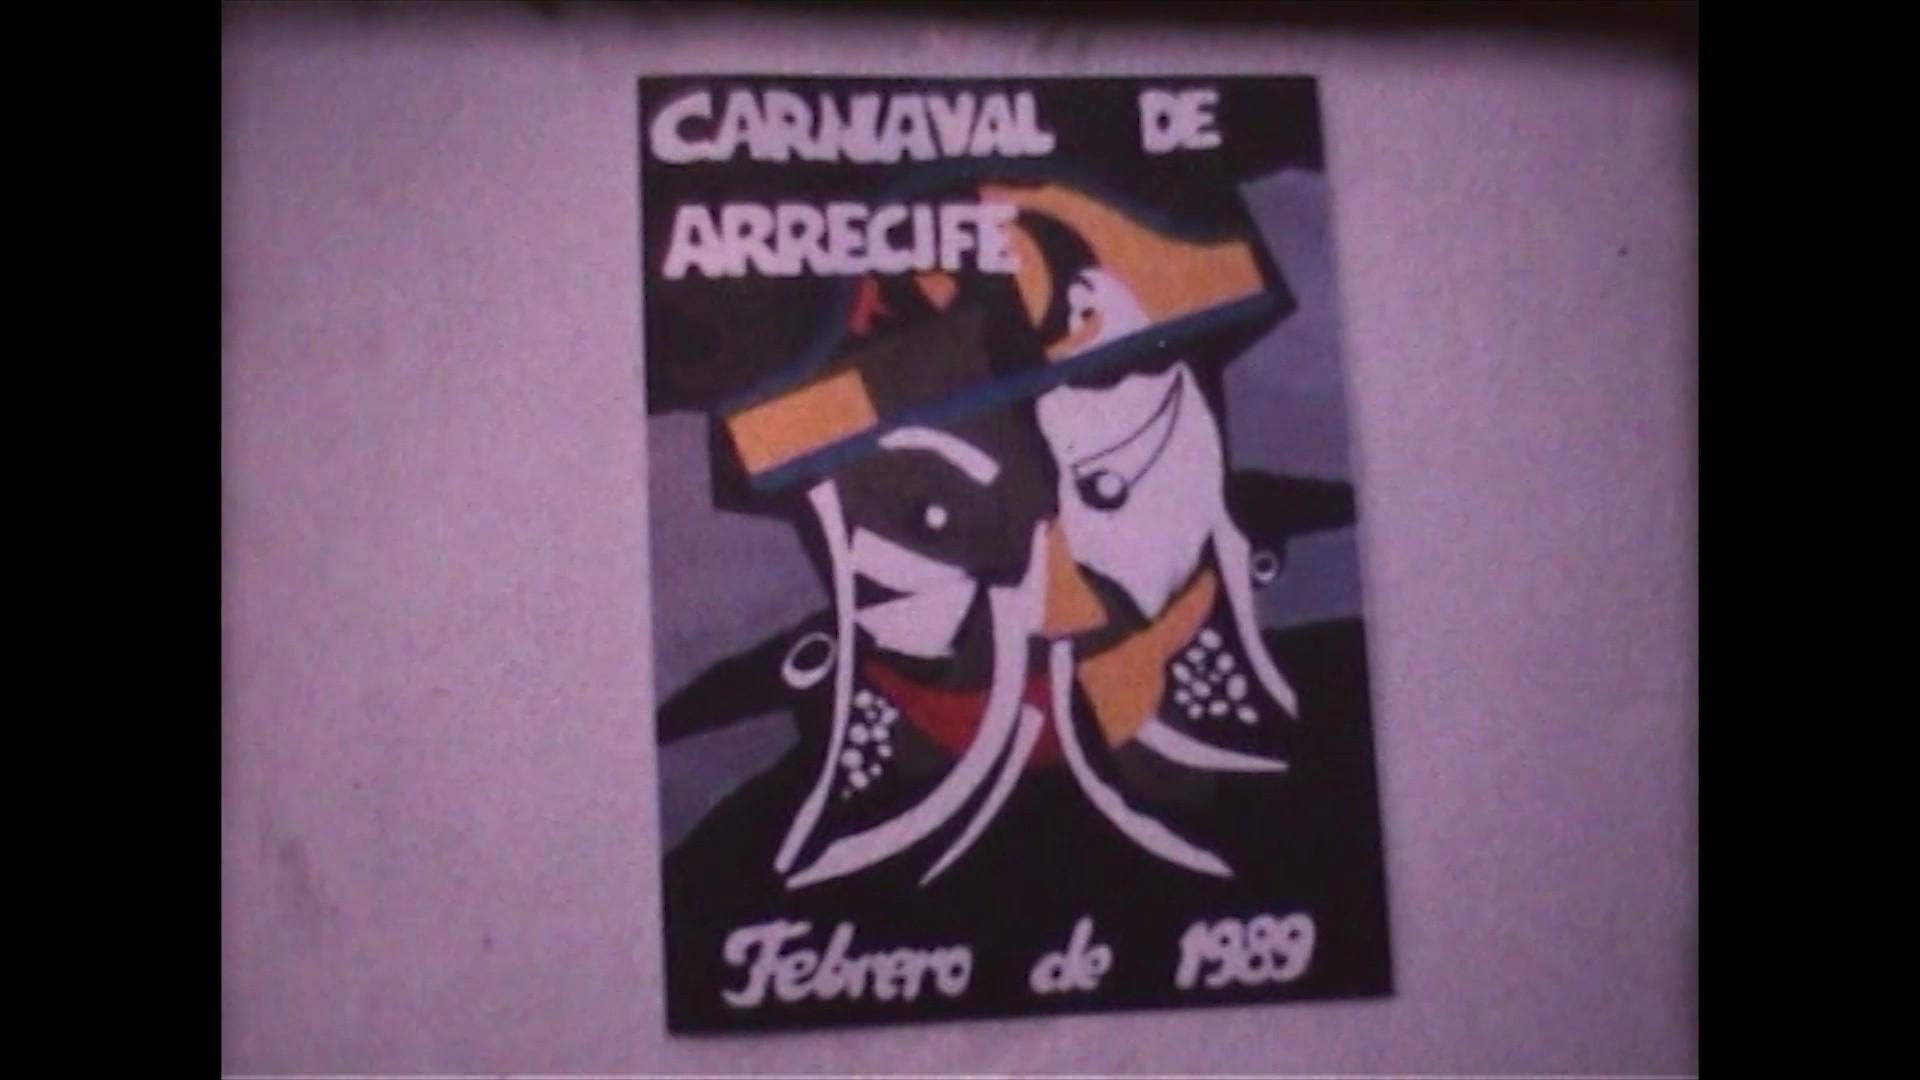 Coso del carnaval en Arrecife (1989)